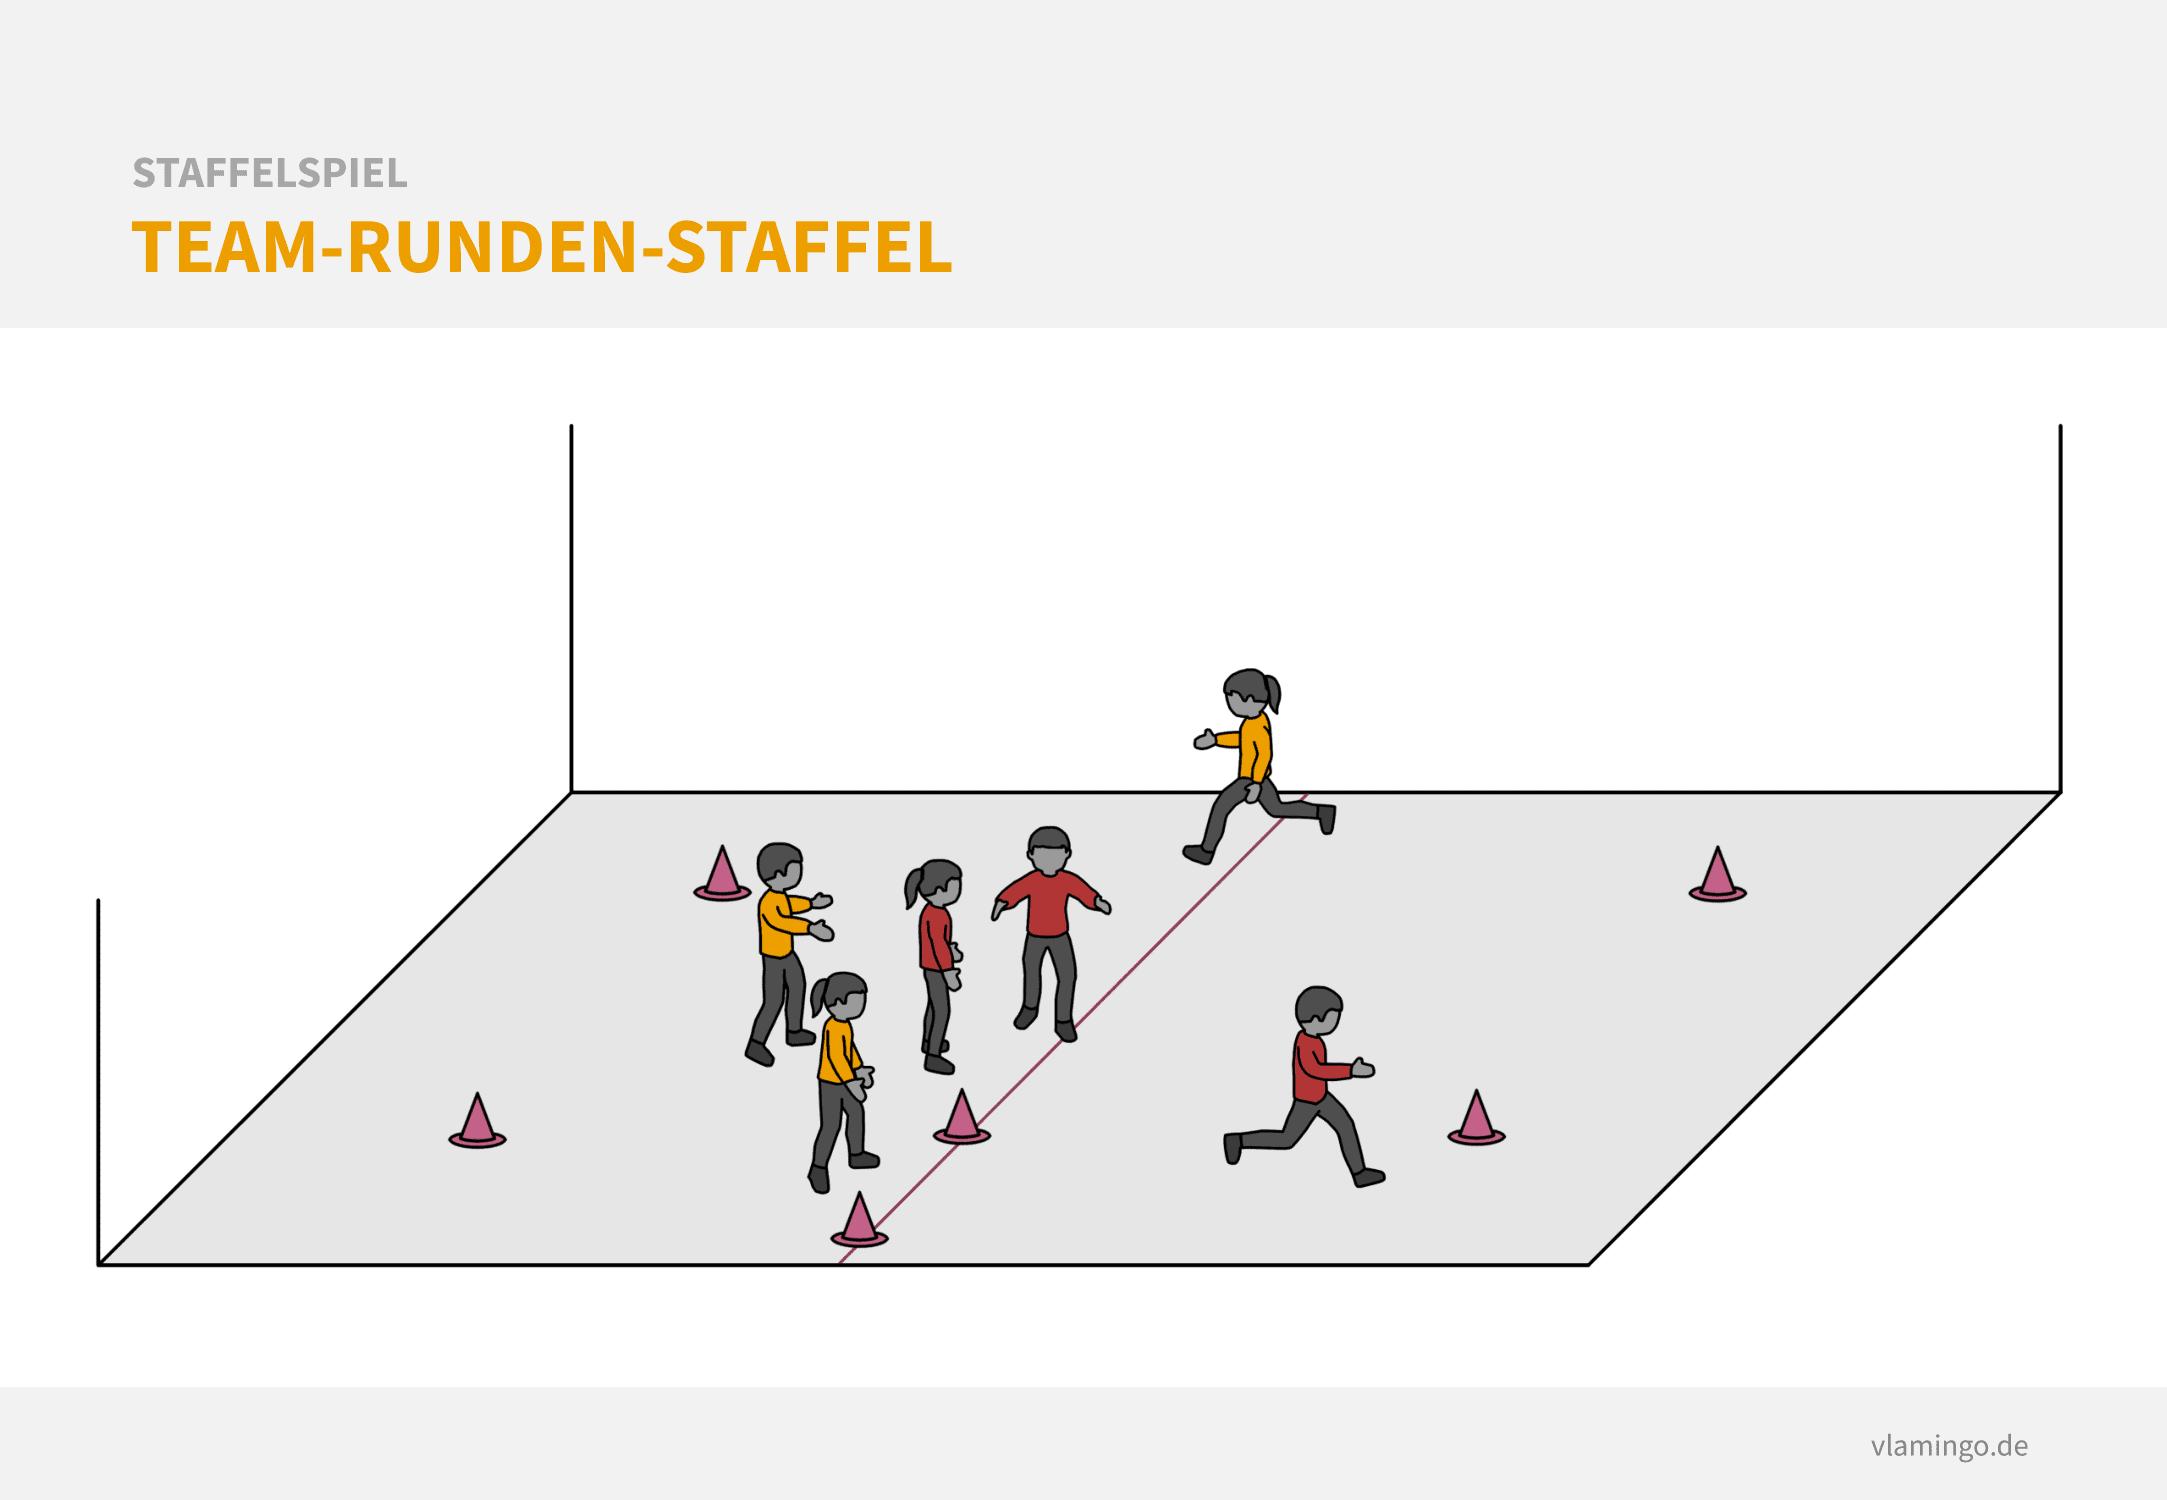 Staffelspiel - Team-Runden-Staffel